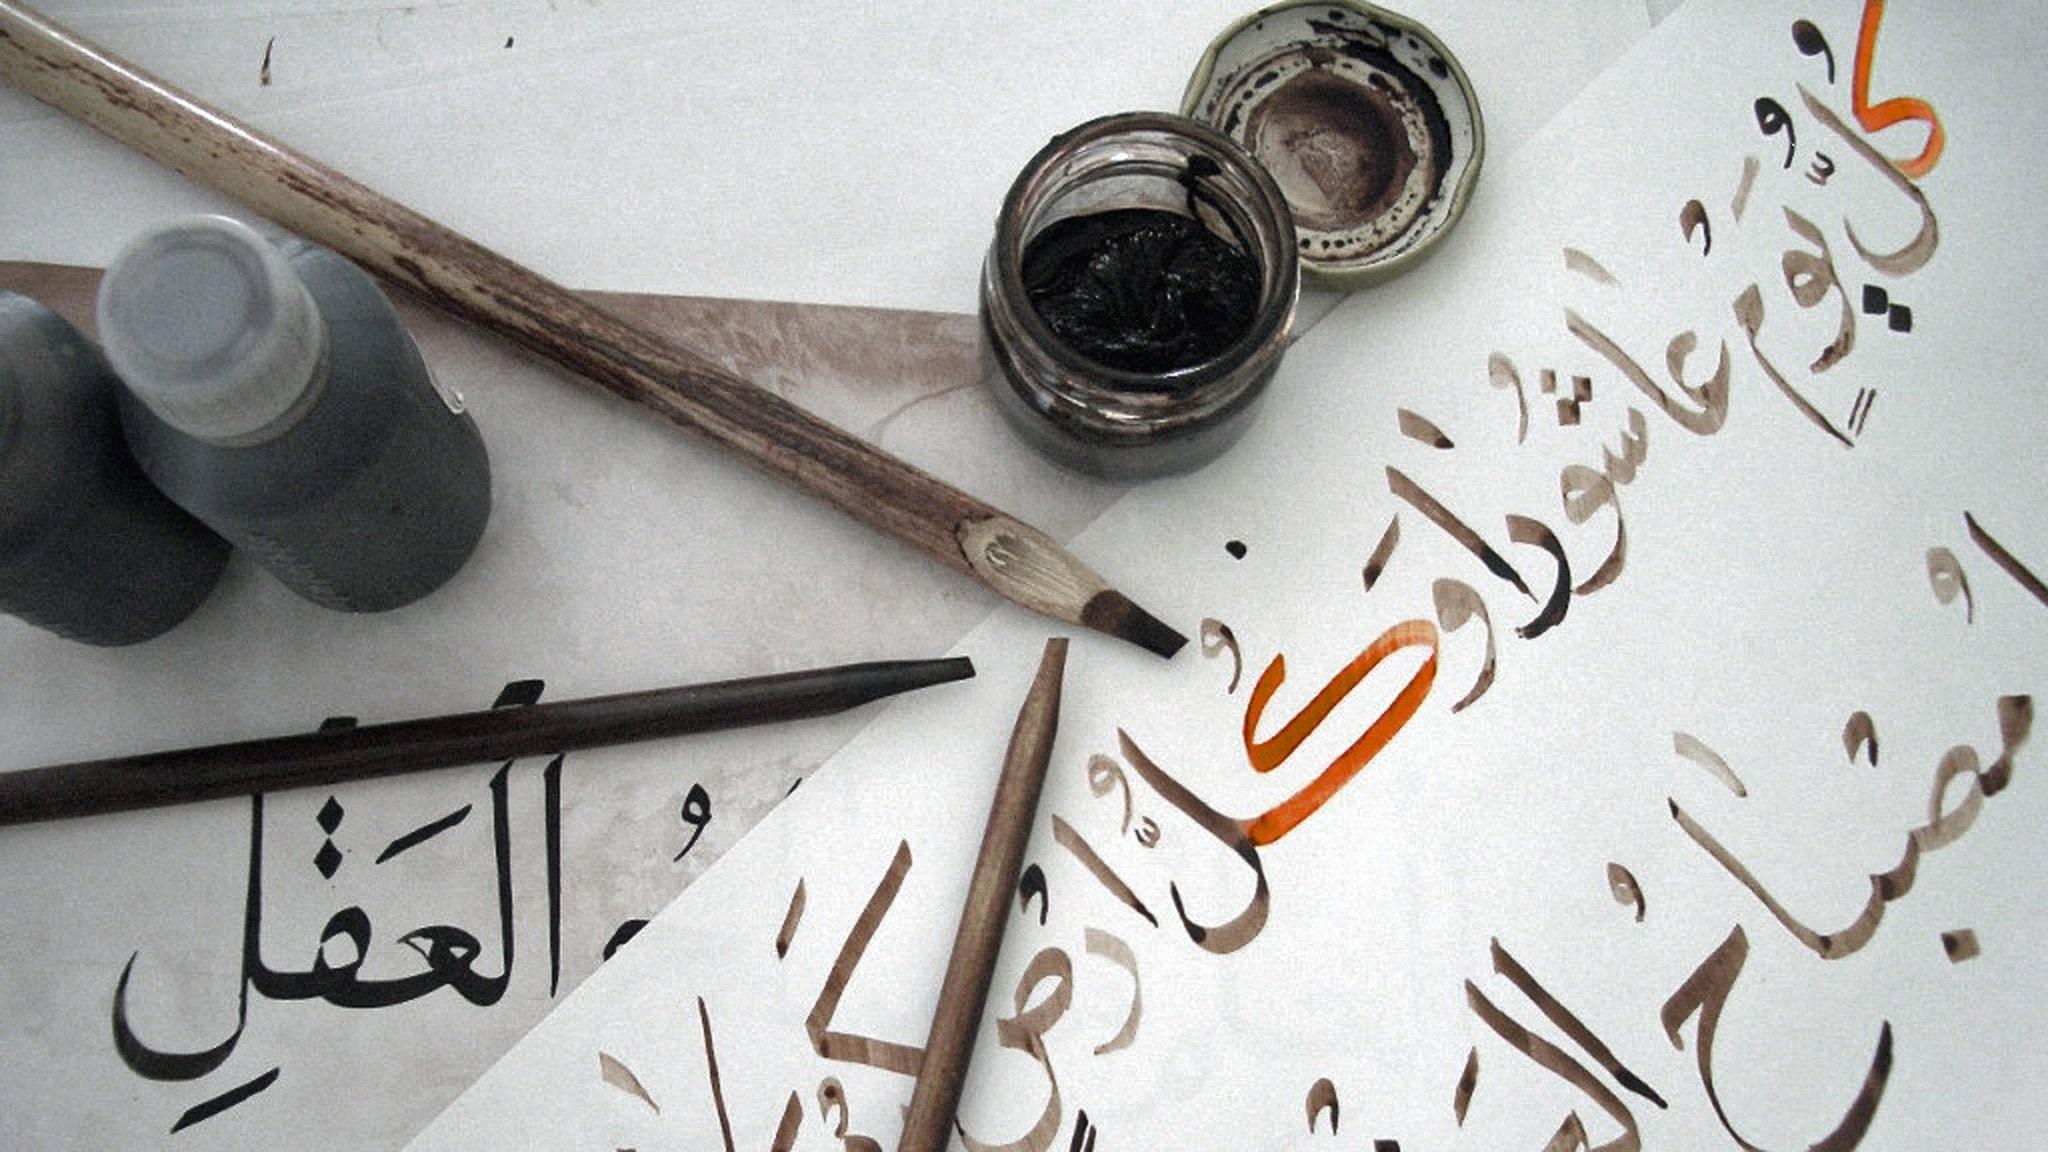 Älskling på arabiska